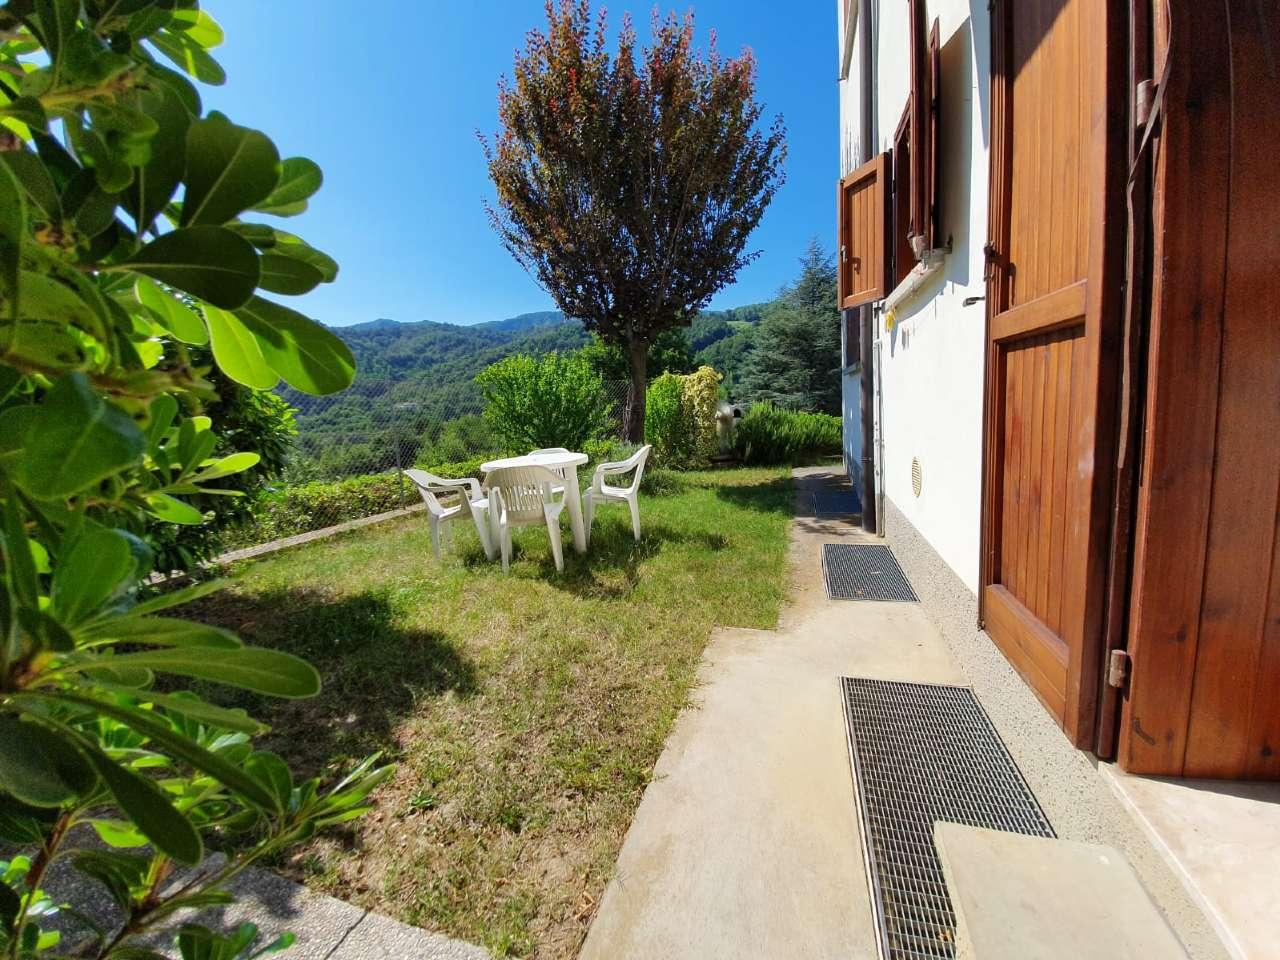 Appartamento in vendita a Monzuno, 3 locali, prezzo € 97.000 | PortaleAgenzieImmobiliari.it